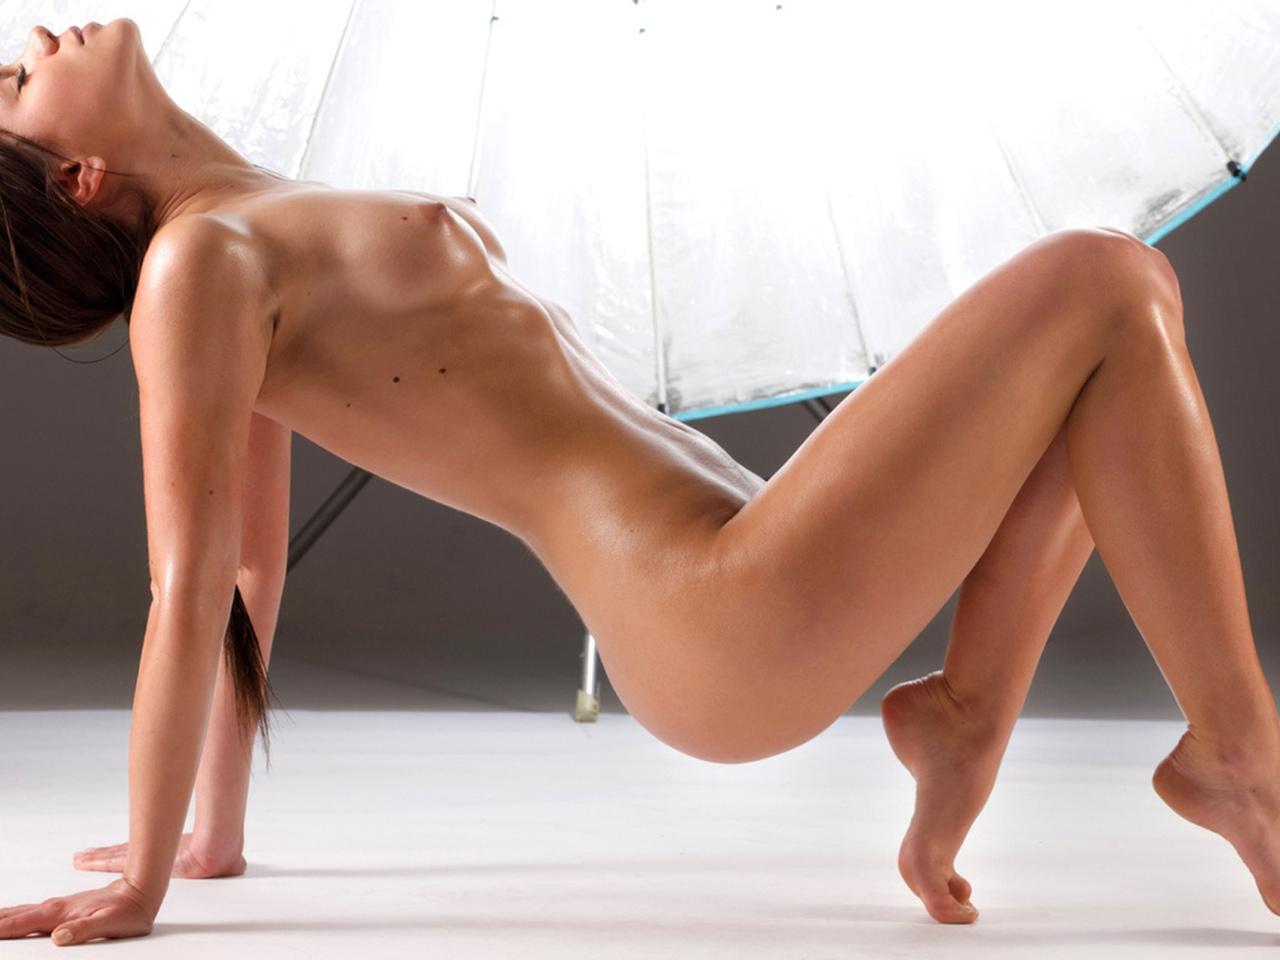 поза, обнаженная, красивая, стоит, на руках и ногах, грудь